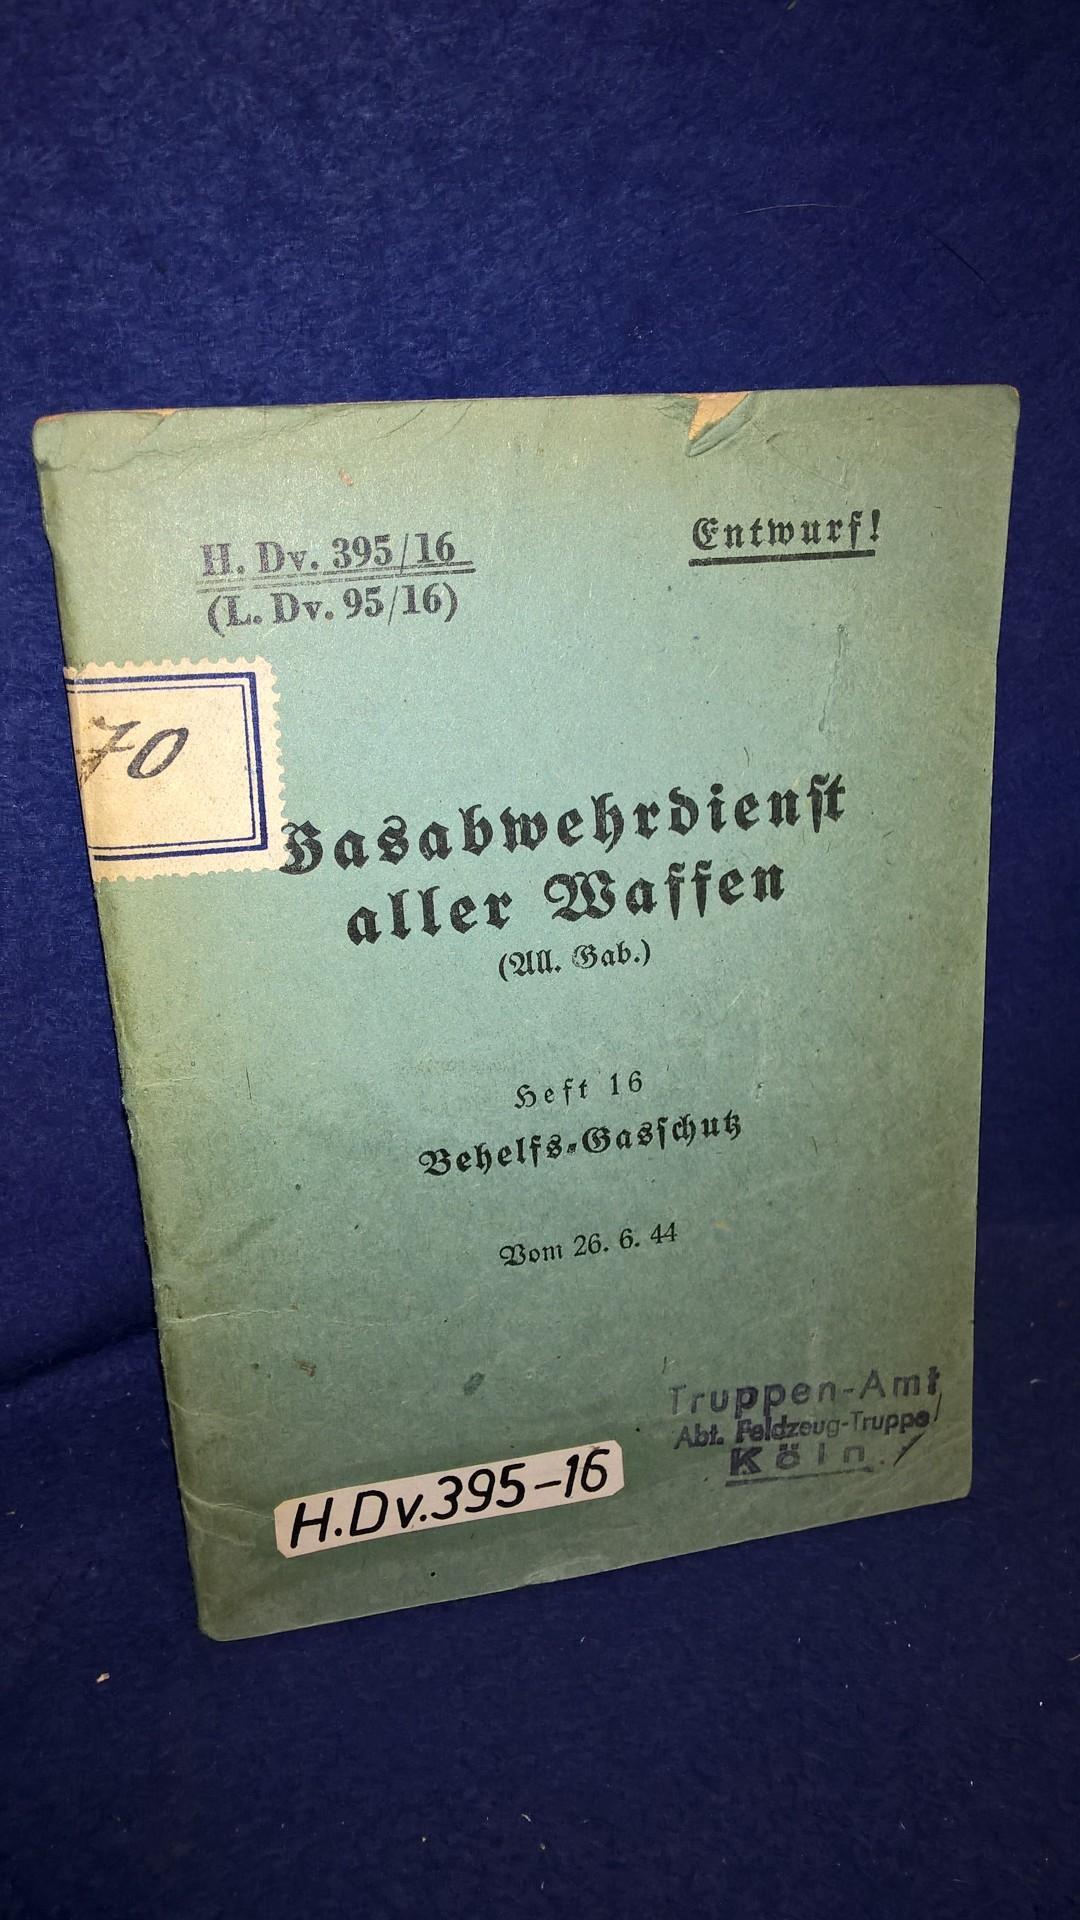 H.Dv. 395/16. L.Dv. 95/16. Gasabwehrdienst aller Waffen. Heft 16: Behelfs-Gasschutz. Vom 26.6.1944.